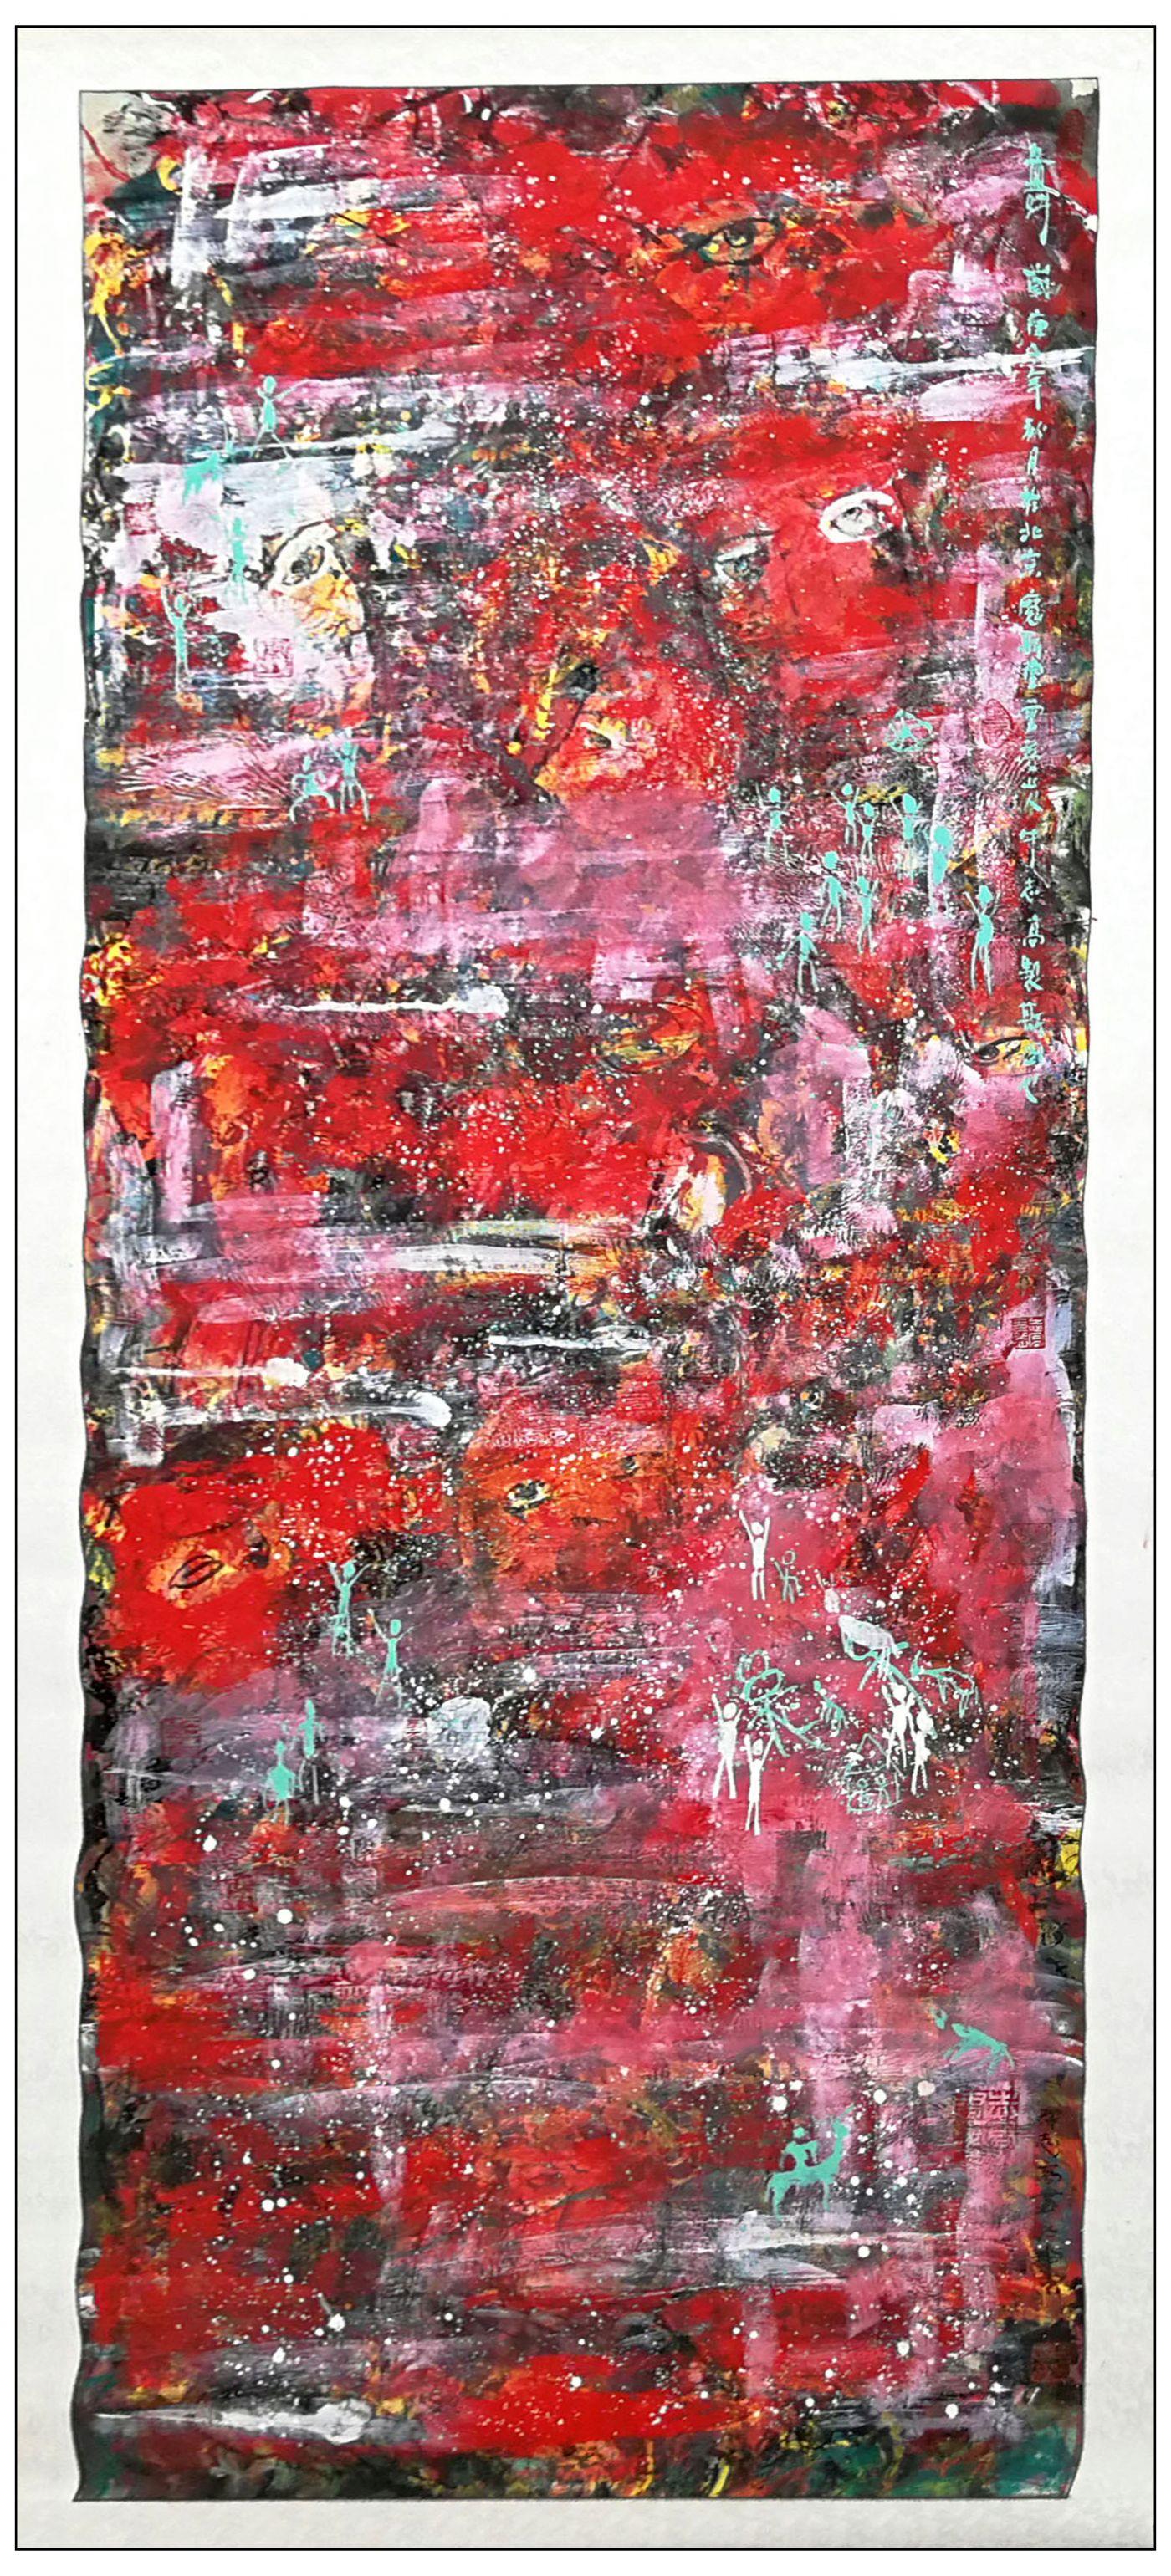 牛志高现代抽象画------2020.09.03_图1-3